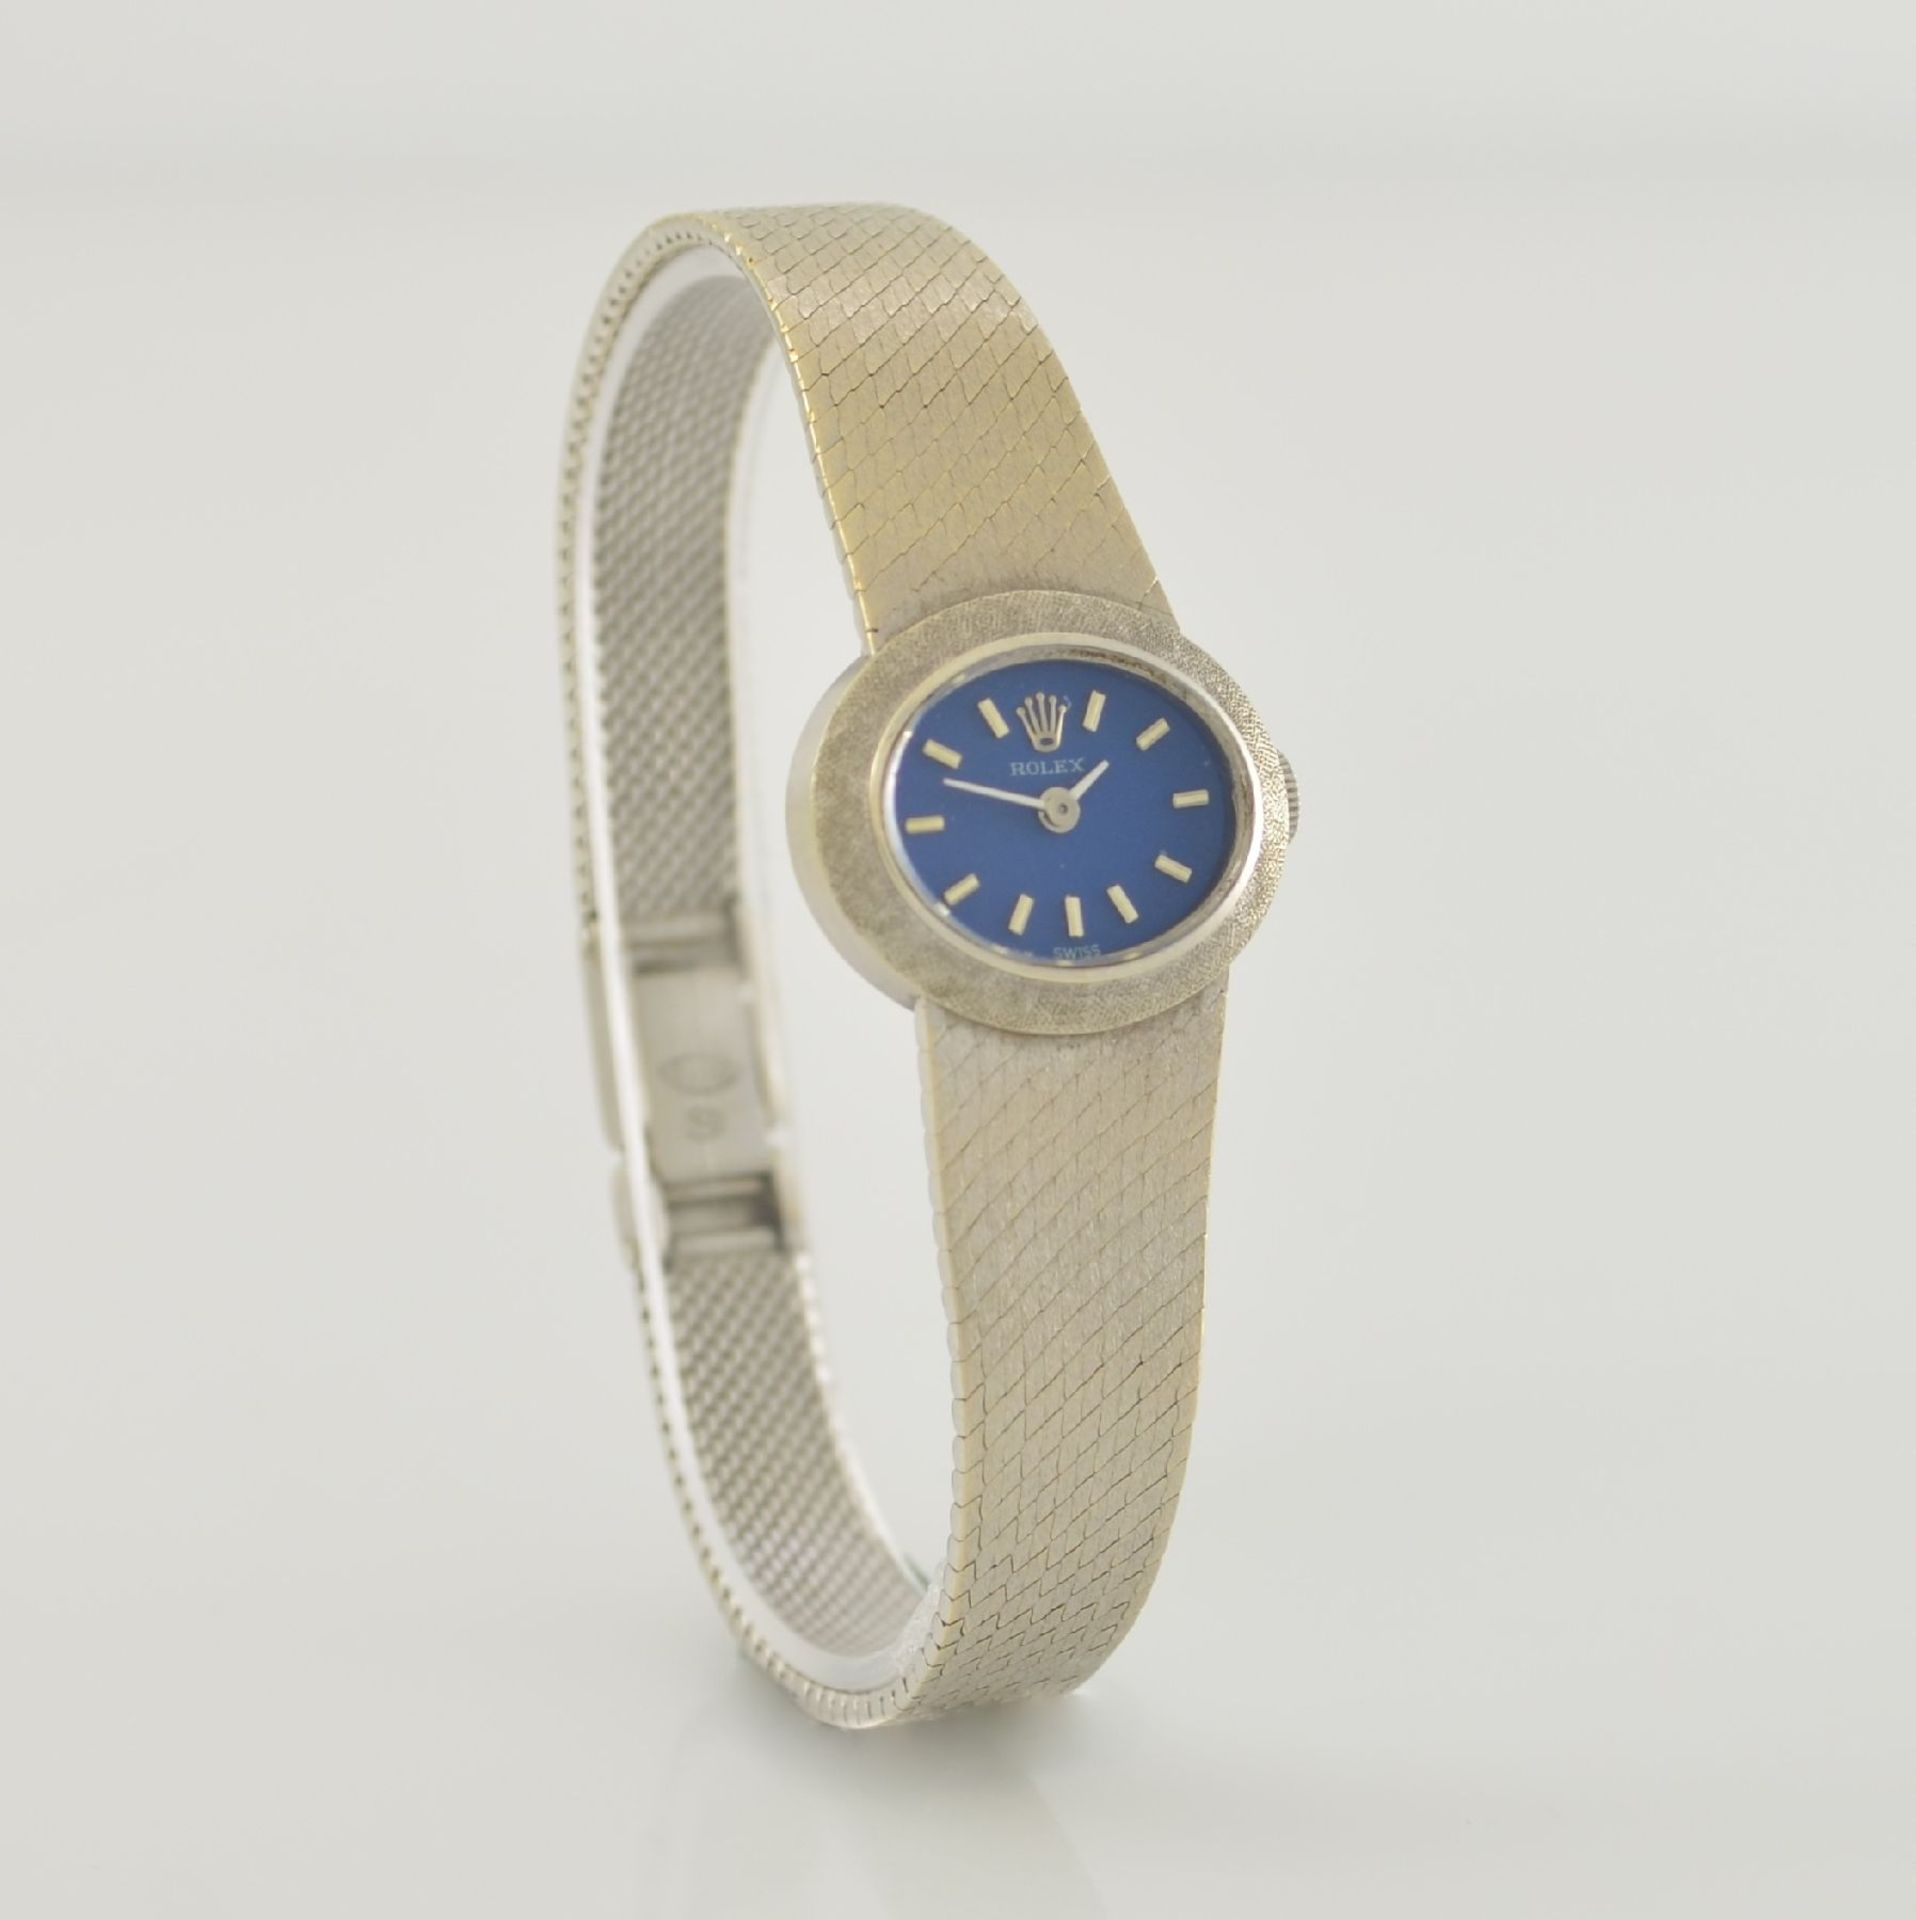 ROLEX Damenarmbanduhr in WG 750/000, Schweiz 1960er Jahre, Handaufzug, Boden aufgedr., - Bild 4 aus 6